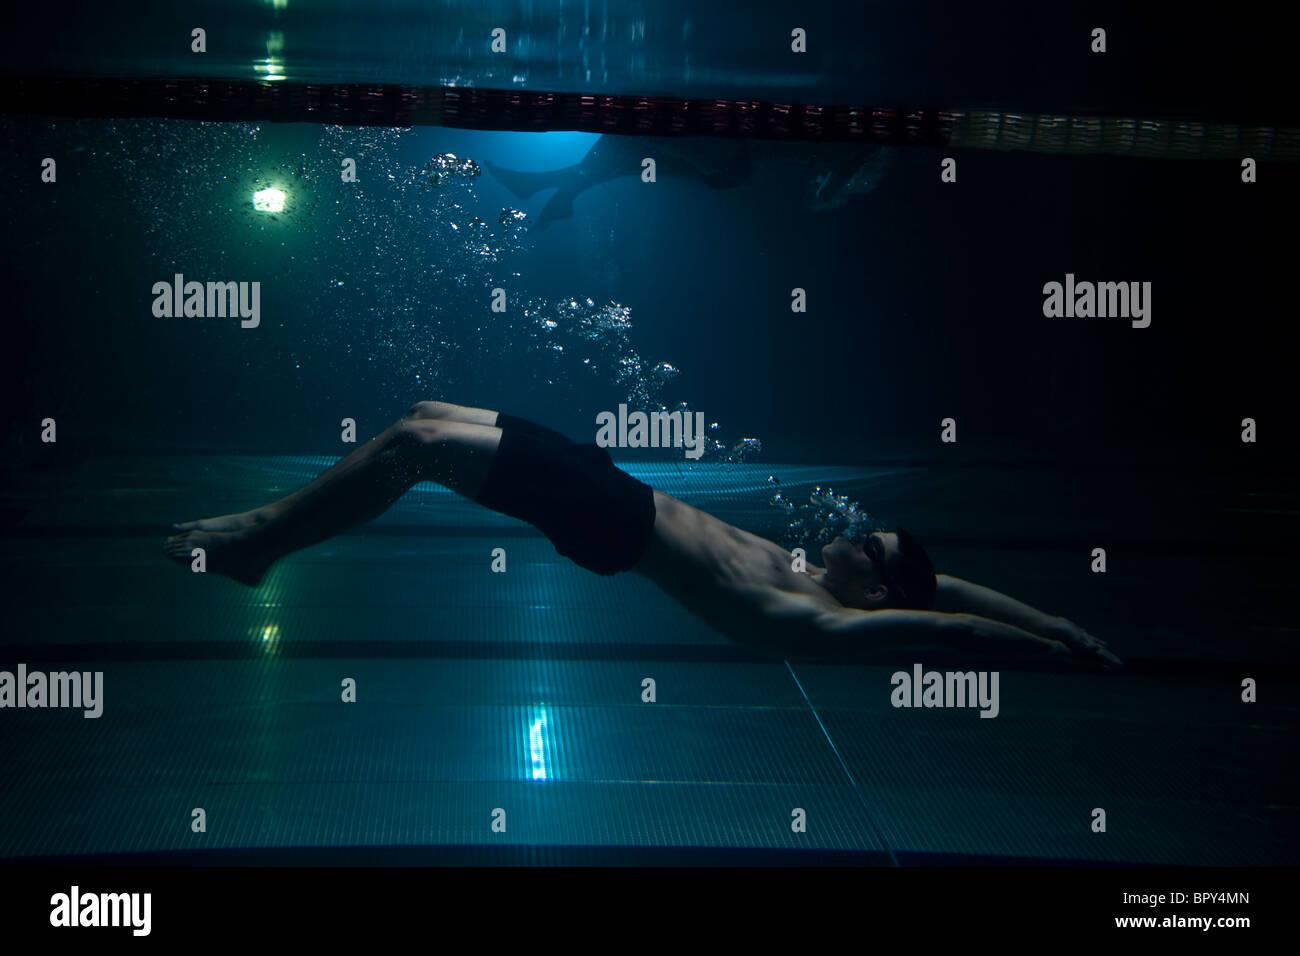 schwimmer schwimmen unter wasser ausatmen luftblasen auf blauem hintergrund stockbild - Ausatmen Fans Usa